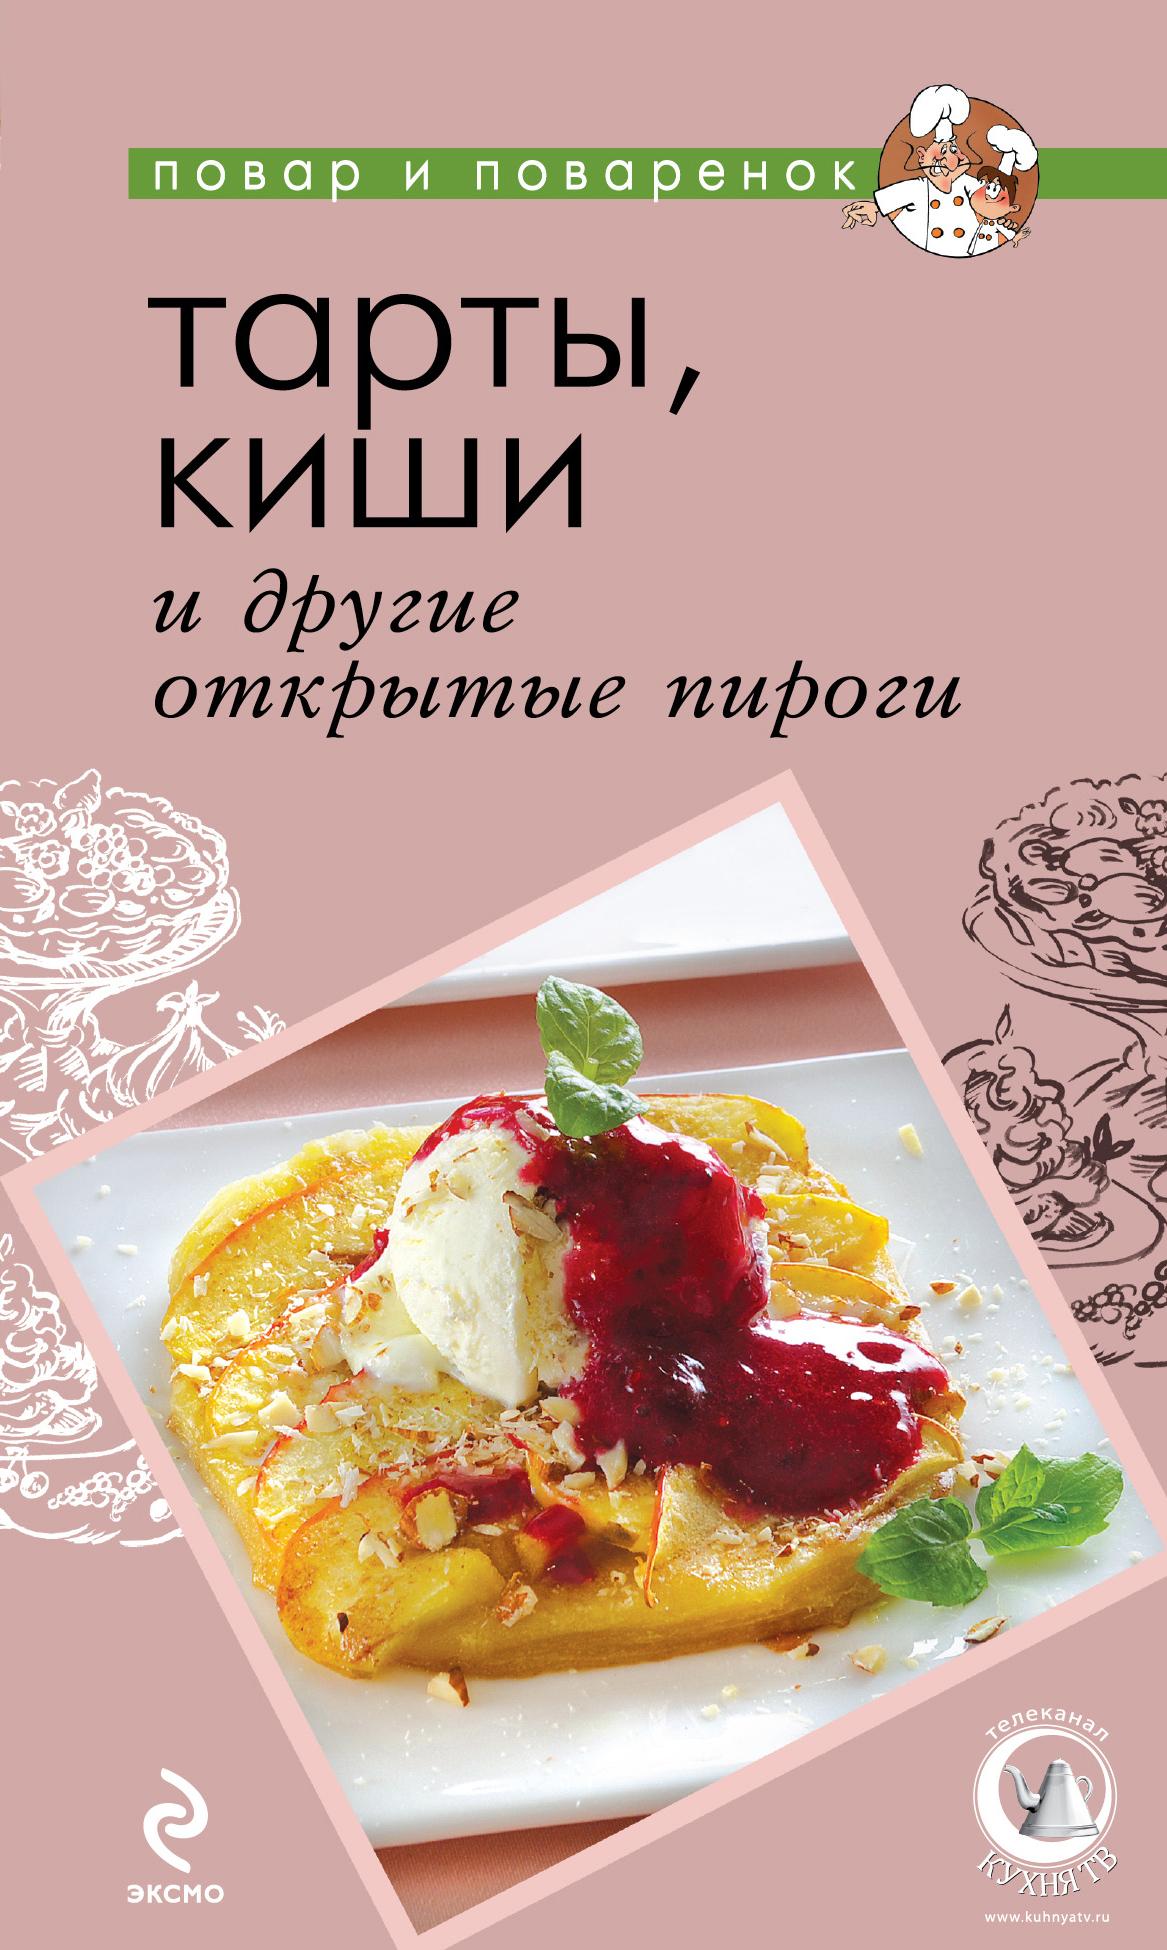 Тарты, киши и другие открытые пироги